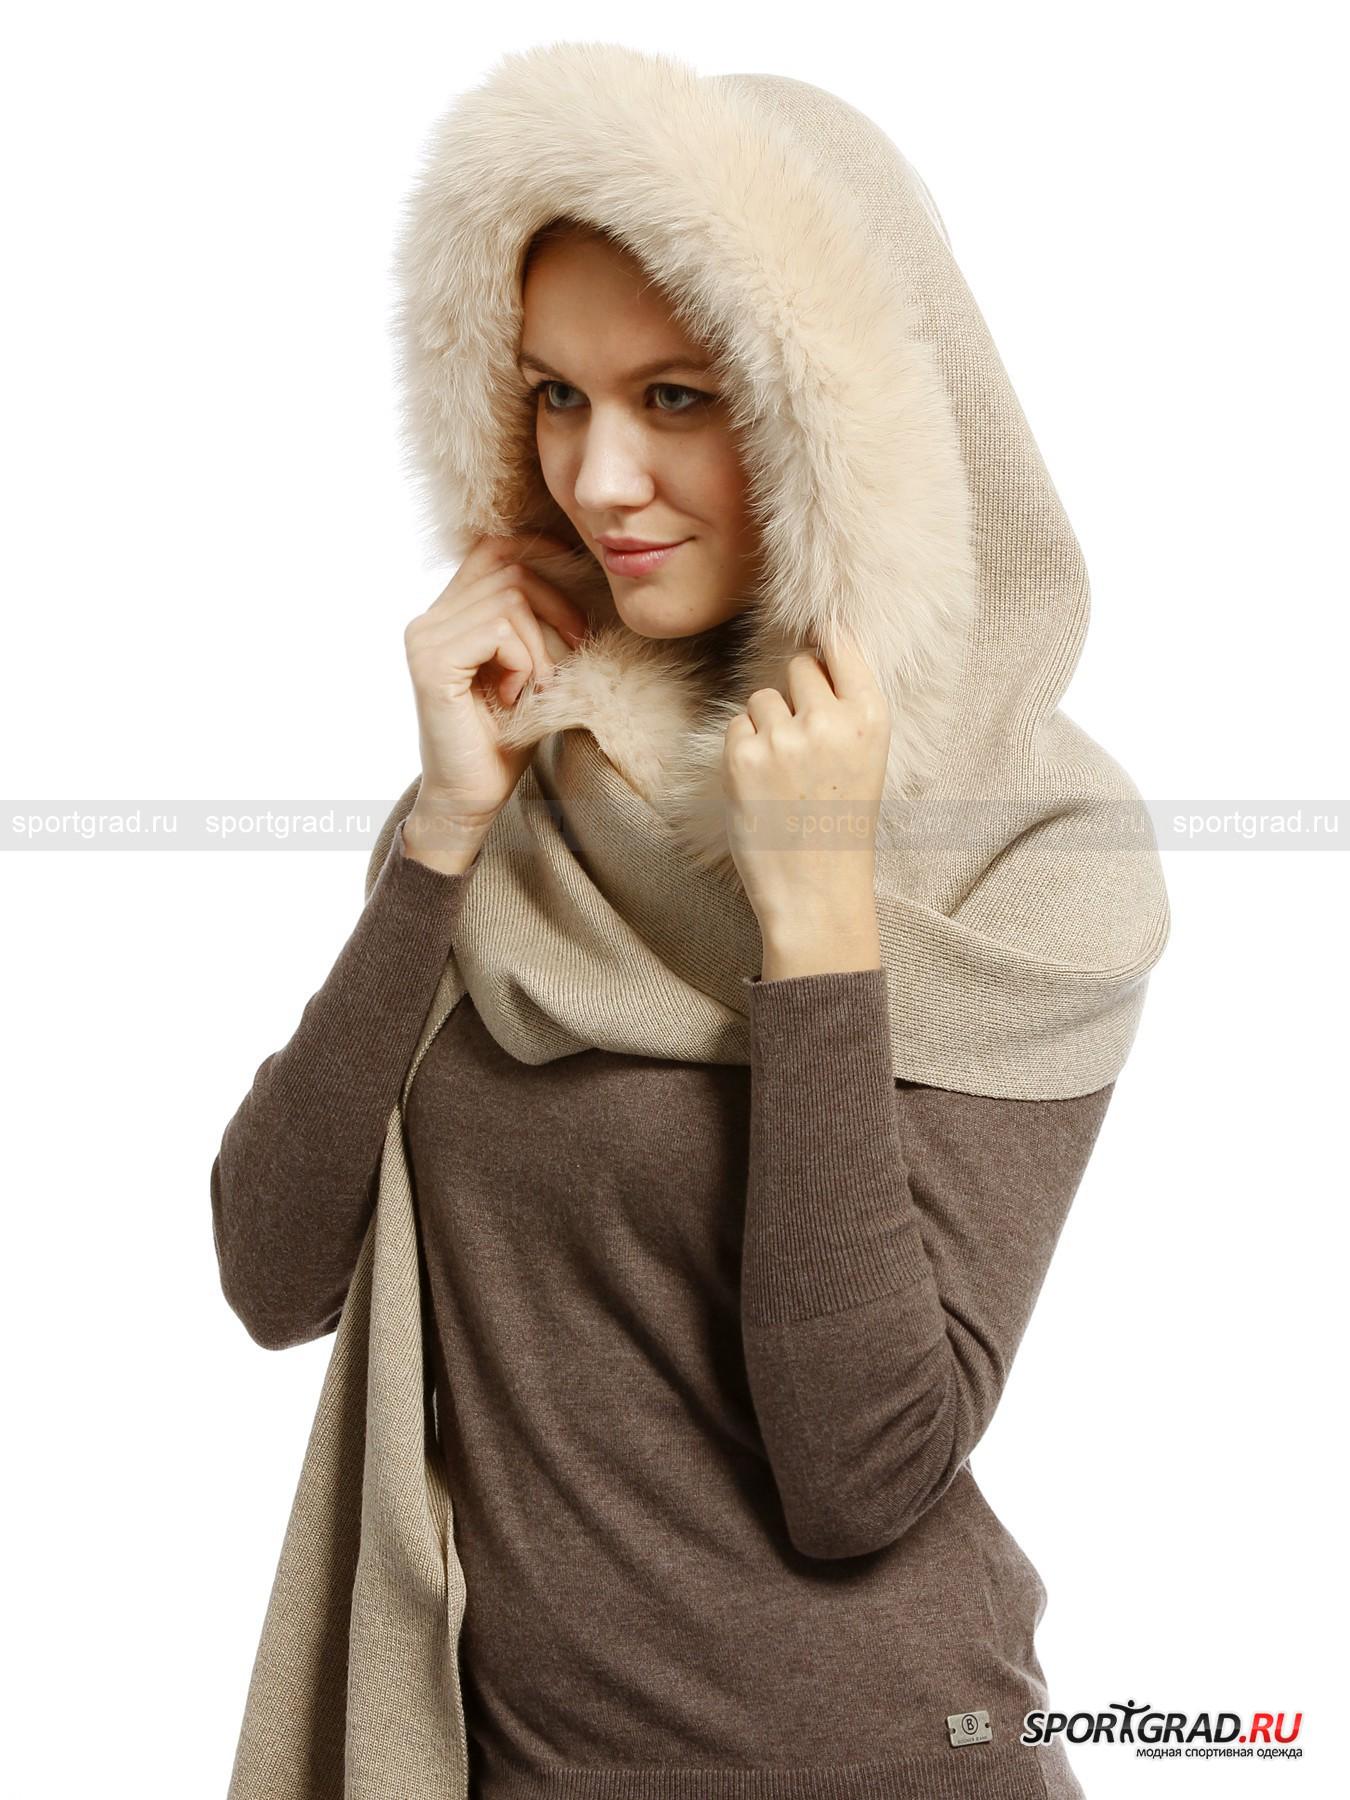 Шарф-капюшон женский шерстяной LISA GROBLШарфы, Кашне<br>Роскошный шарф-капюшон LISA GROBL сделан полностью из натуральной шерсти мериноса и декорирован пушистым мехом. Шапка и шарф в одном – оригинальное и практичное решение. Великолепный аксессуар, который сразу привлечет к своей владелице максимум внимания окружающих, ей же будет в нем тепло и удобно. Преимущество капюшона перед обычной шапкой еще и в том, что он не испортит прическу, даже объемную, что немаловажно для многих женщин.<br><br>Пол: Женский<br>Возраст: Взрослый<br>Тип: Шарфы, Кашне<br>Рекомендации по уходу: толкьо сухая чистка, можно гладить при низкой температуре<br>Состав: 100% шерсть мериноса